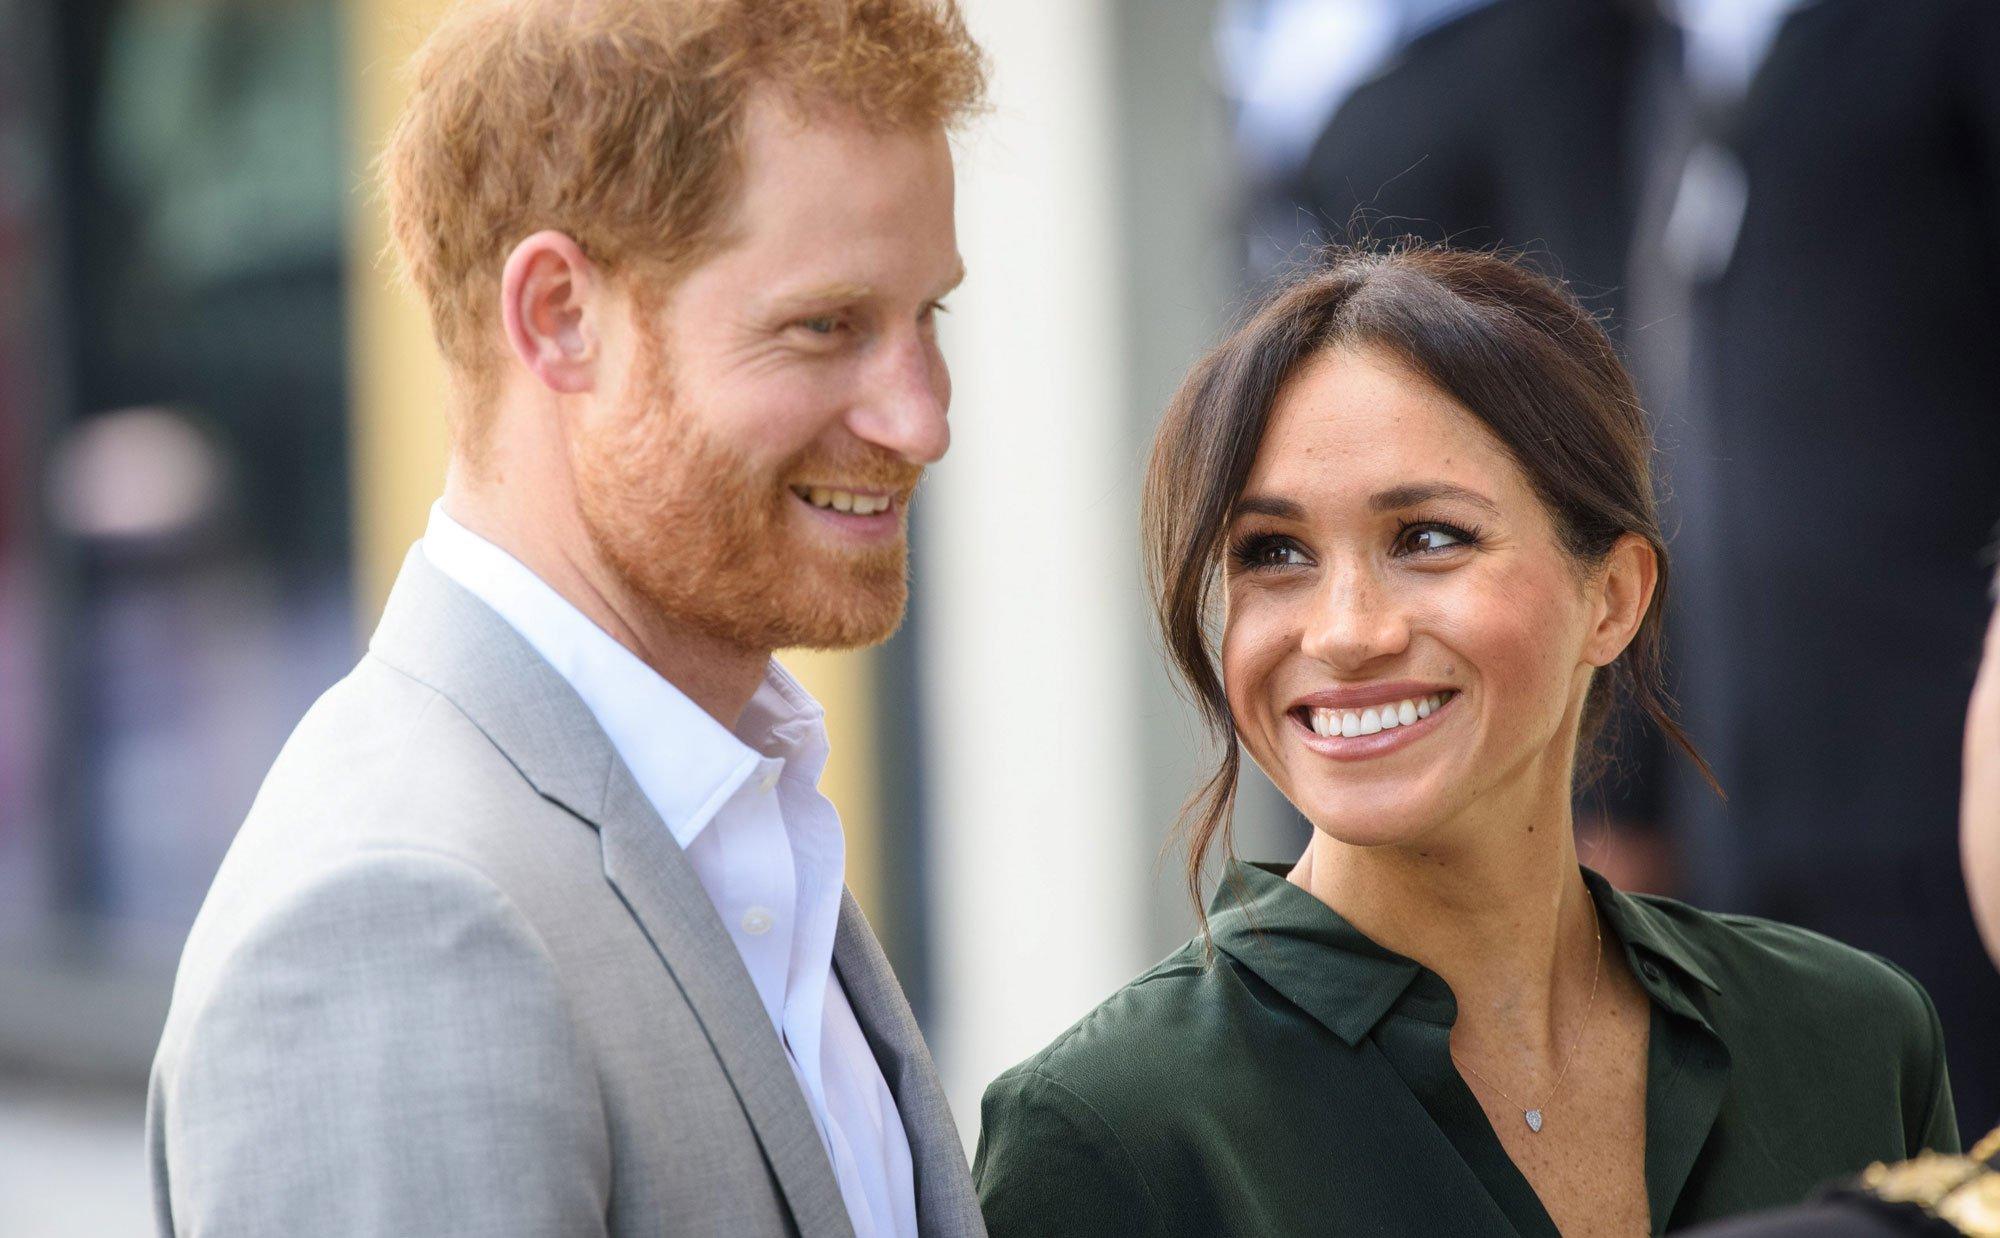 harrymeghan oct15.jpg?resize=1200,630 - Filho de Harry e Meghan poderá não ter um título real? Descubra aqui o porquê!